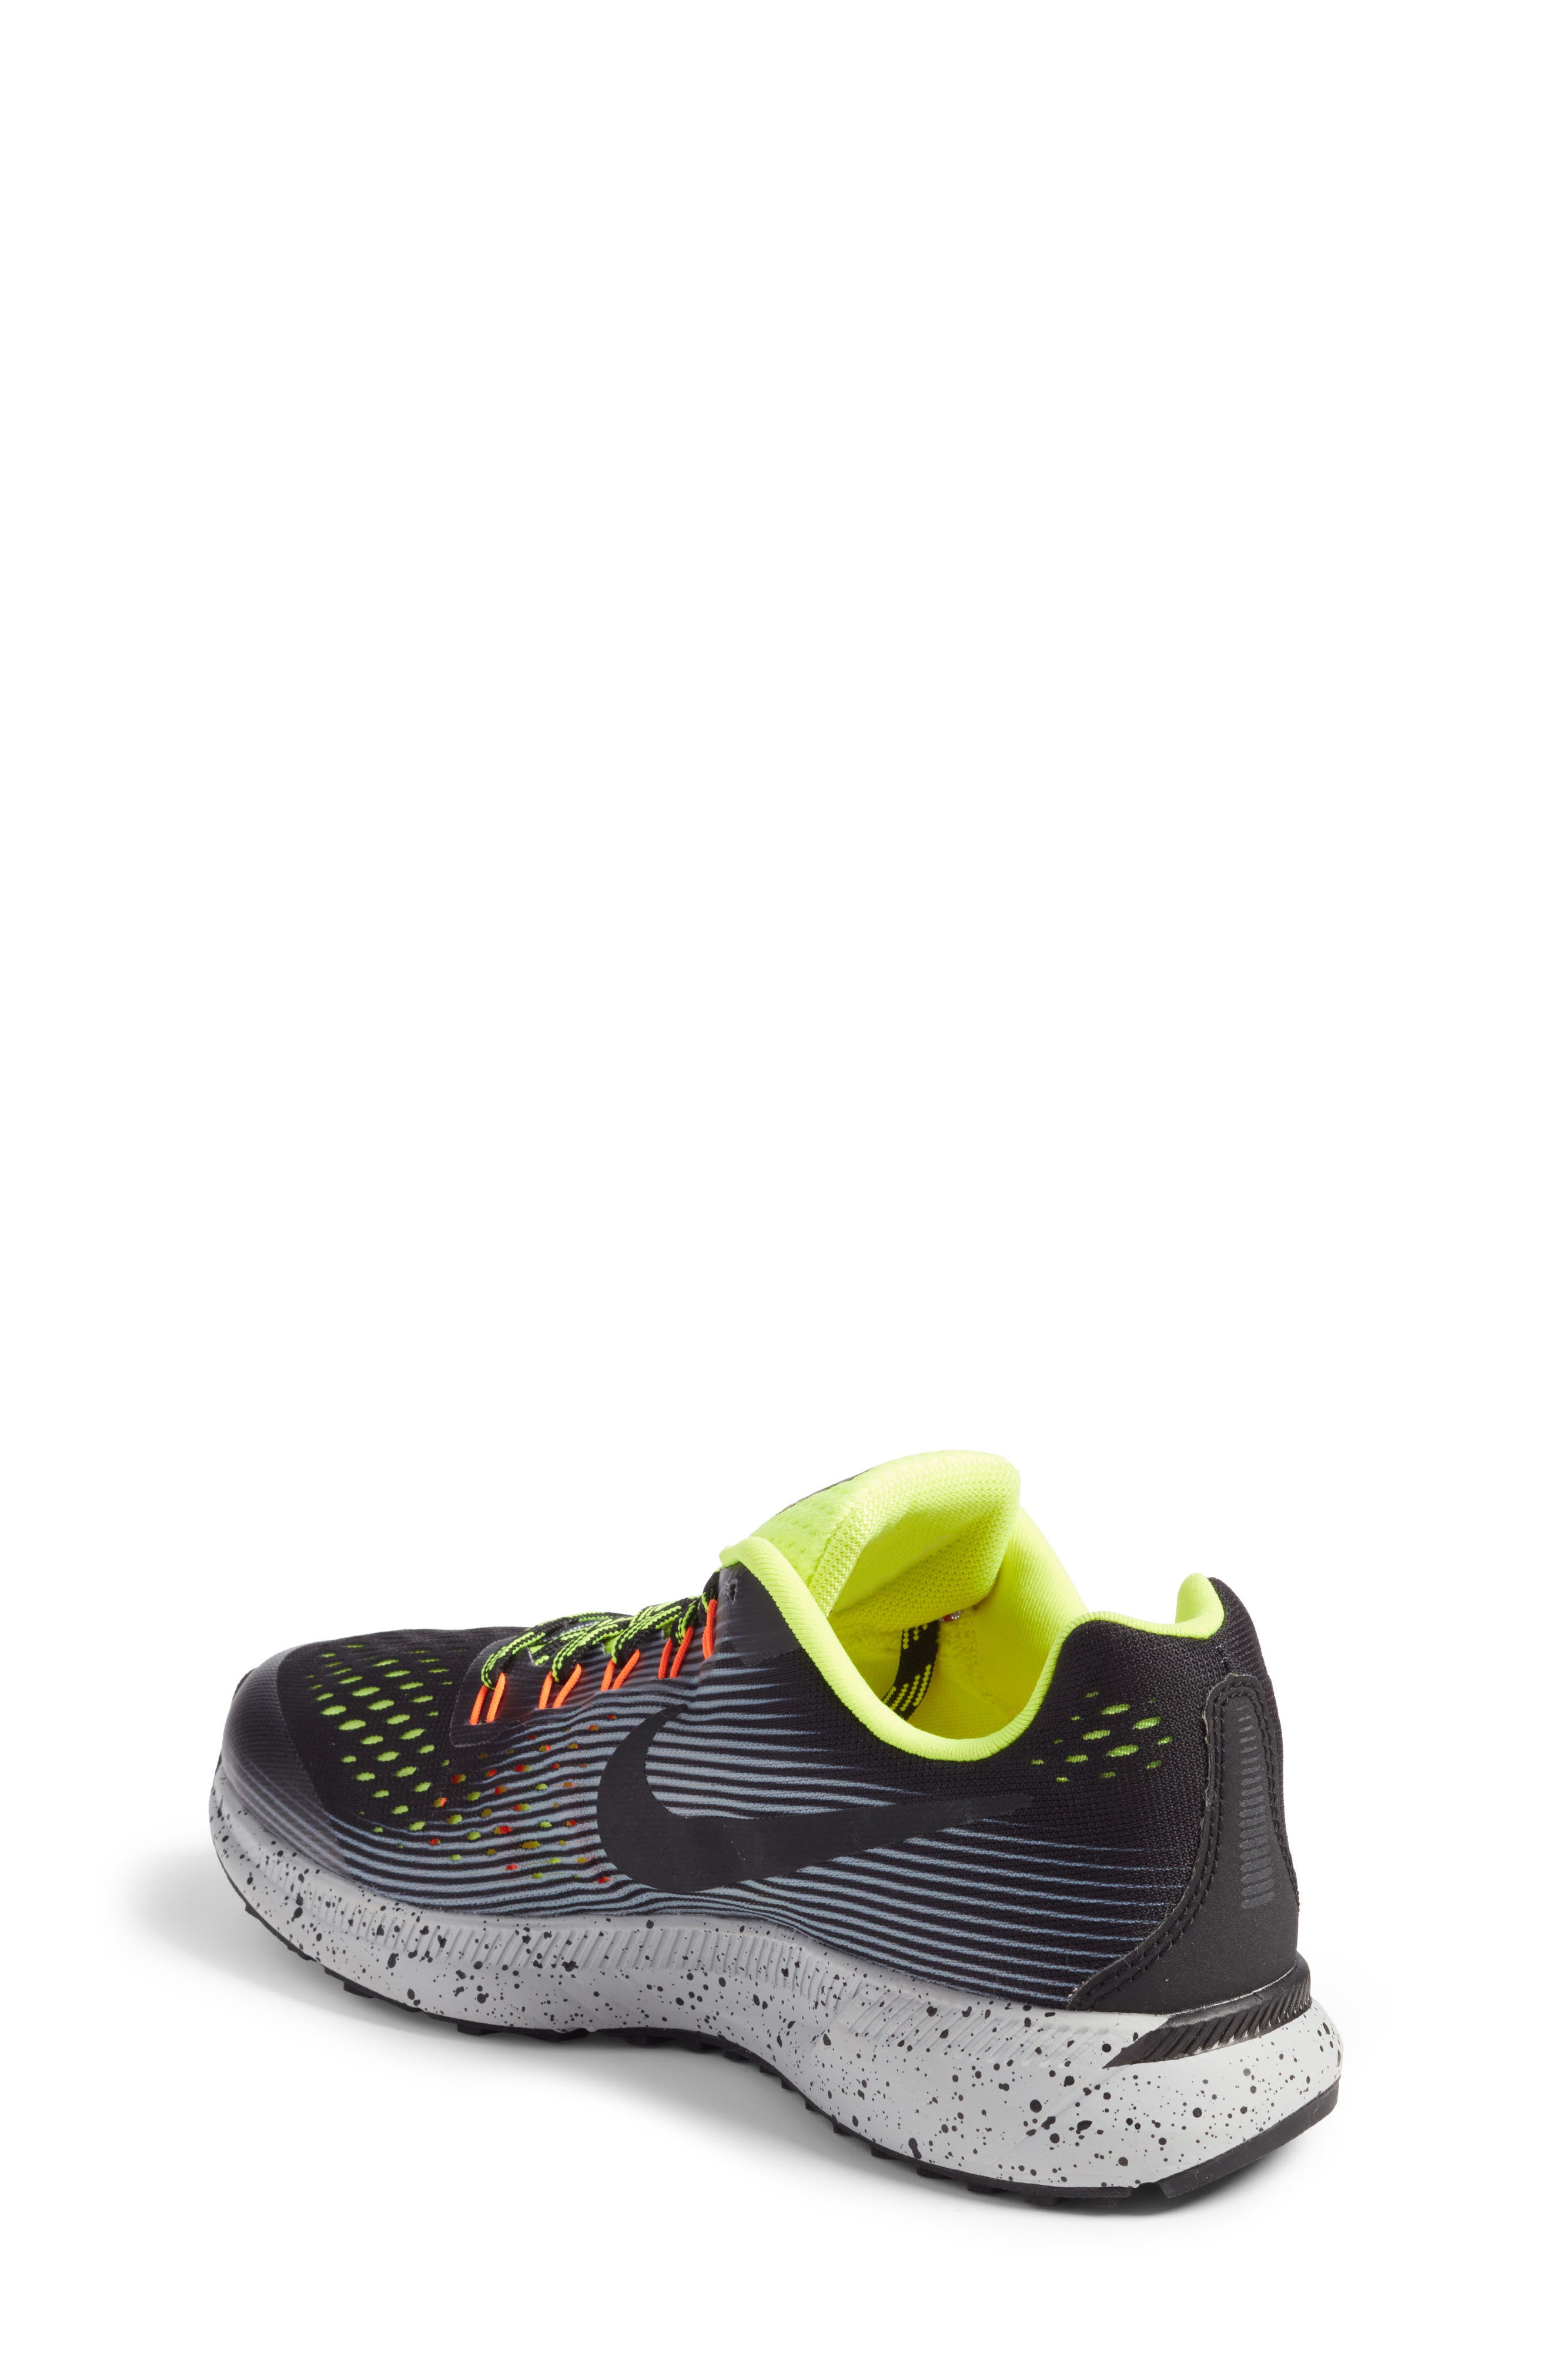 Zoom Pegasus 34 Water Repellent Shield Sneaker,                             Alternate thumbnail 2, color,                             001